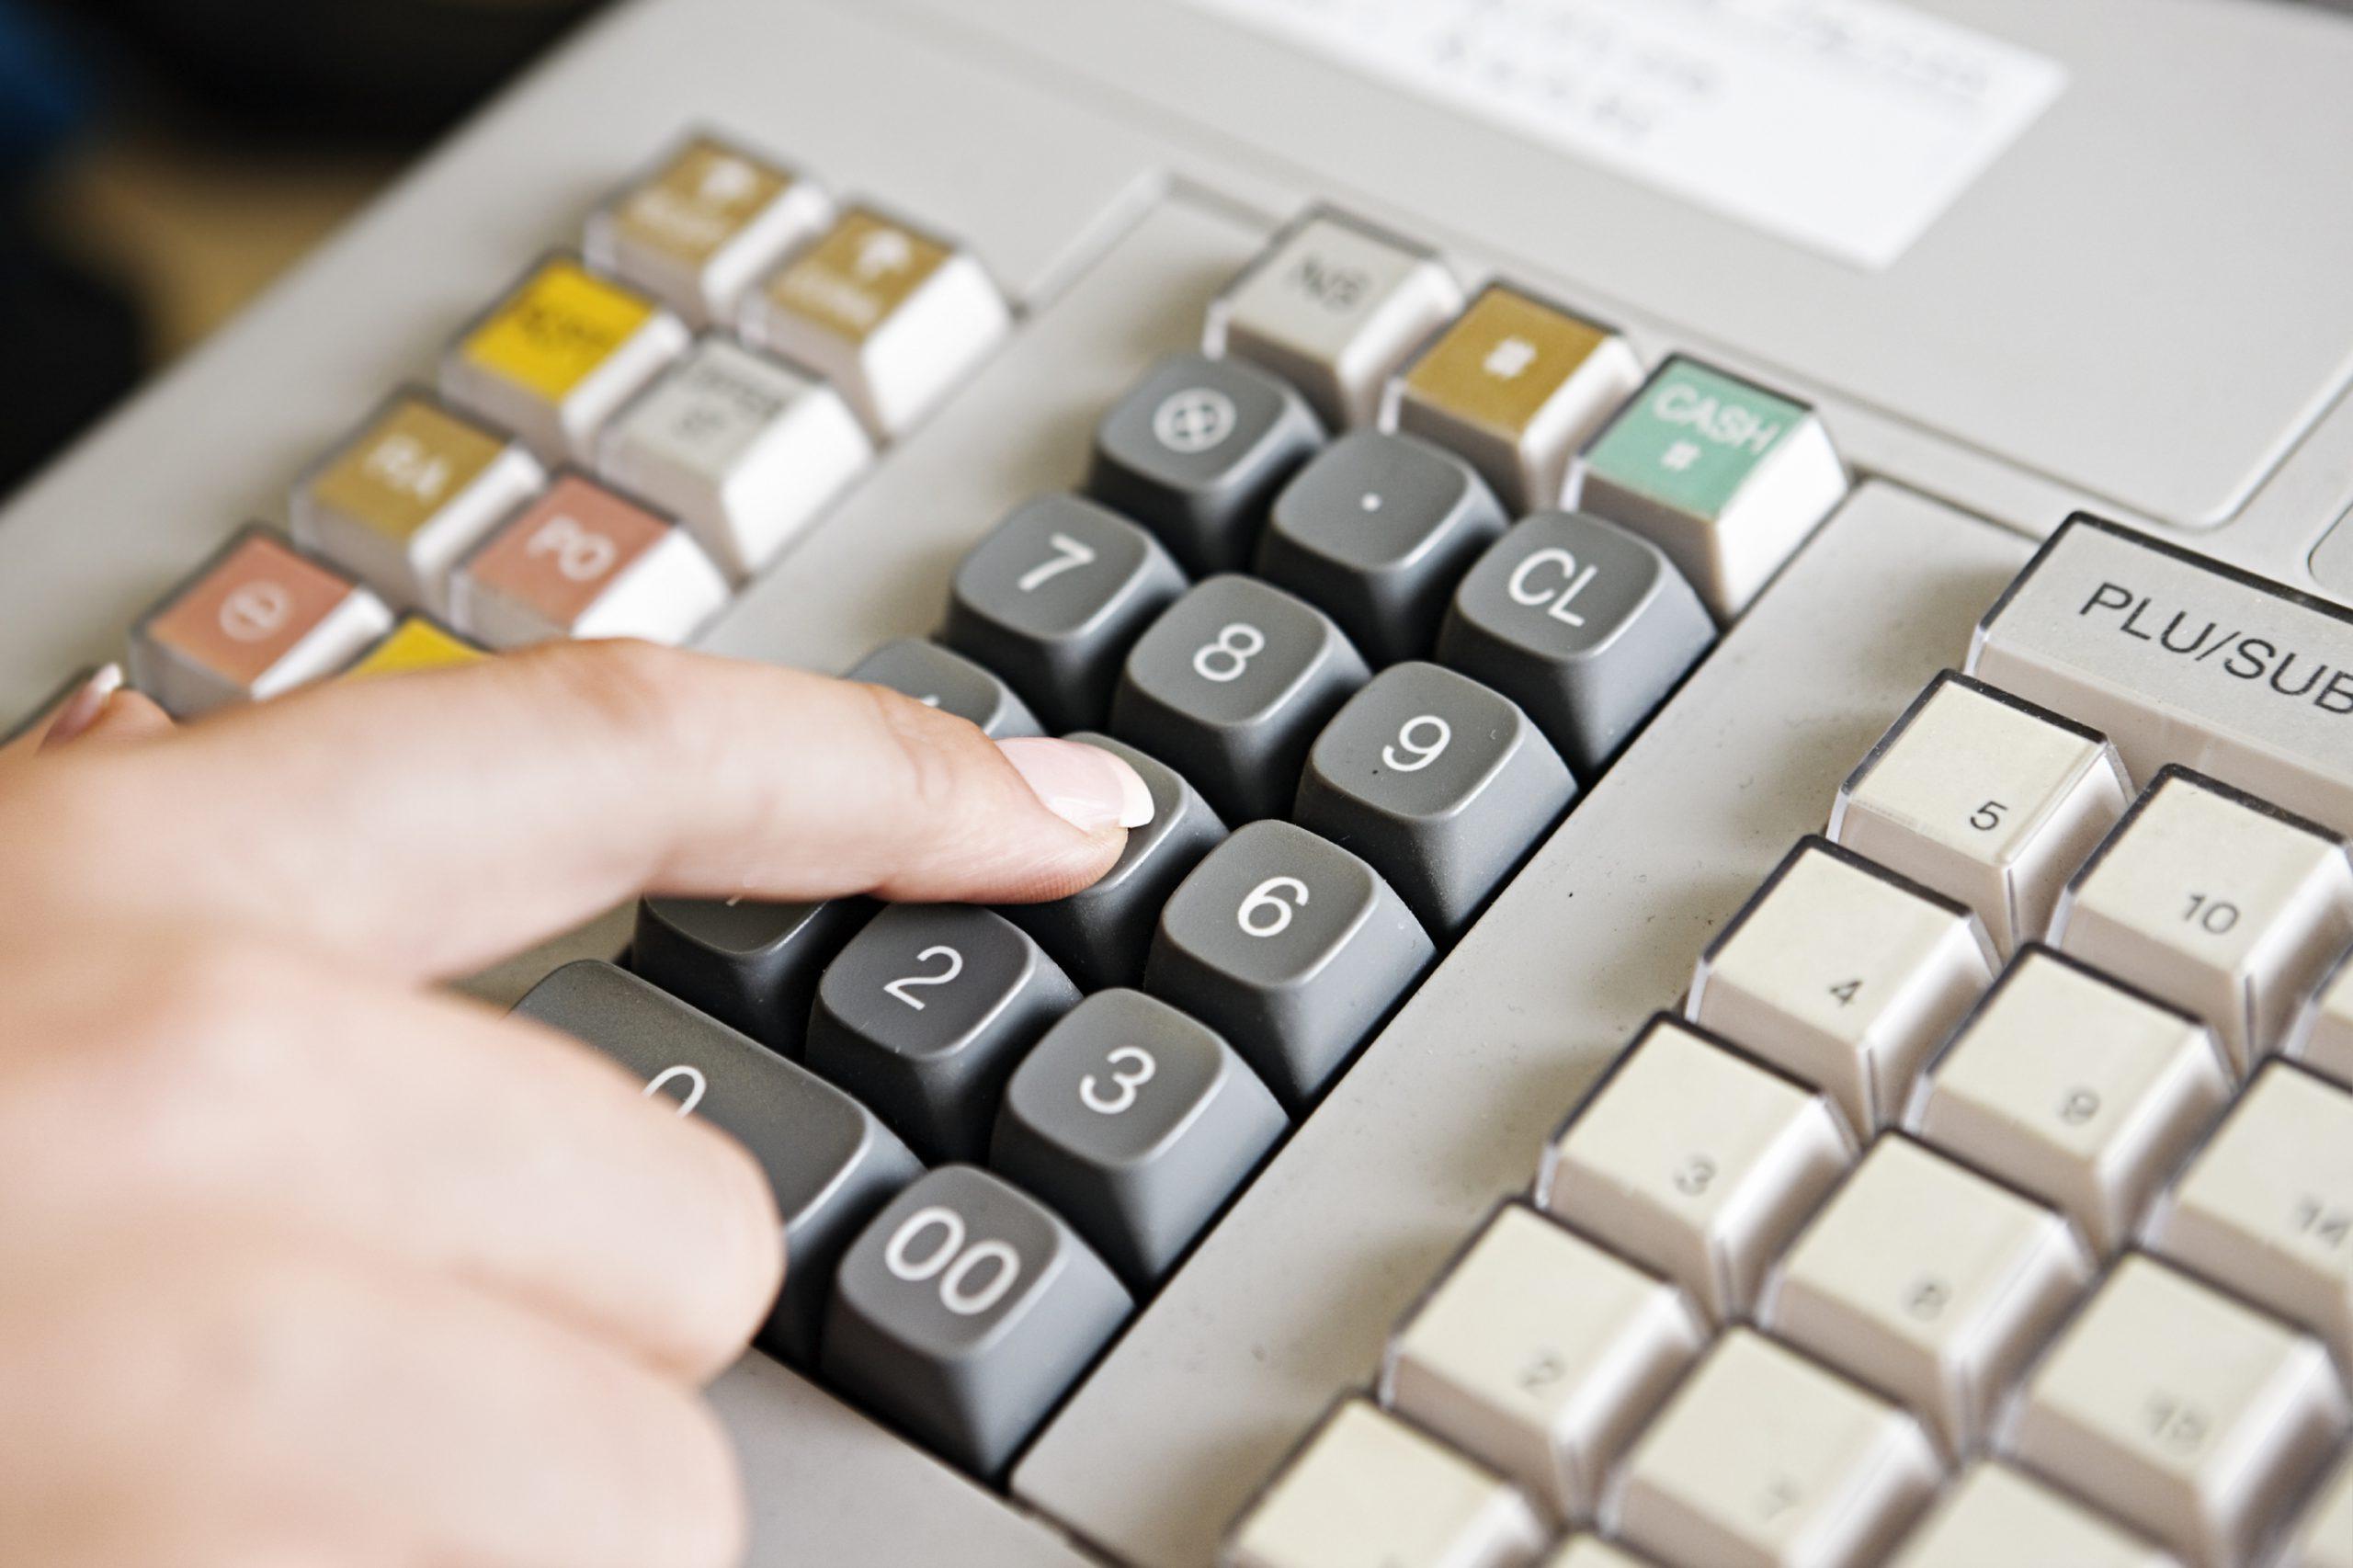 Ostatnie dni na zebranie oświadczeń koniecznych do obsługi kas fiskalnych